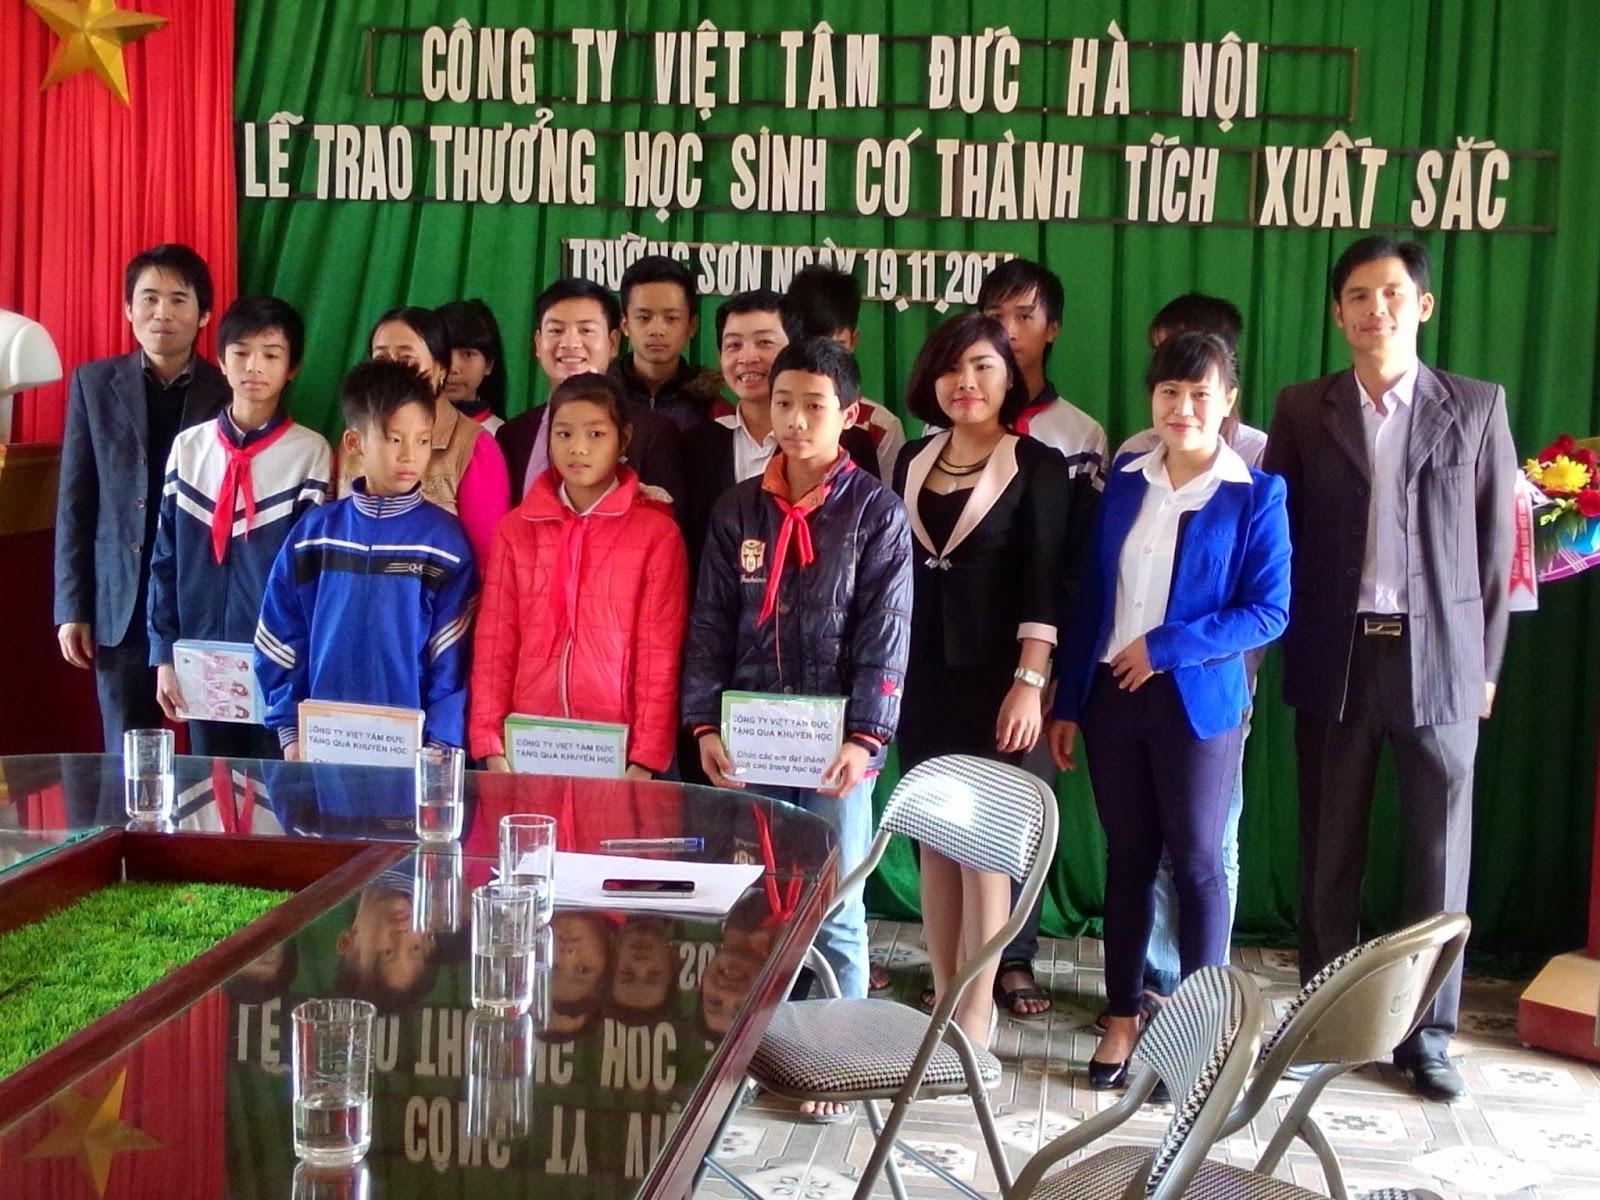 Ảnh lưu niệm cùng các em học sinh tại trường